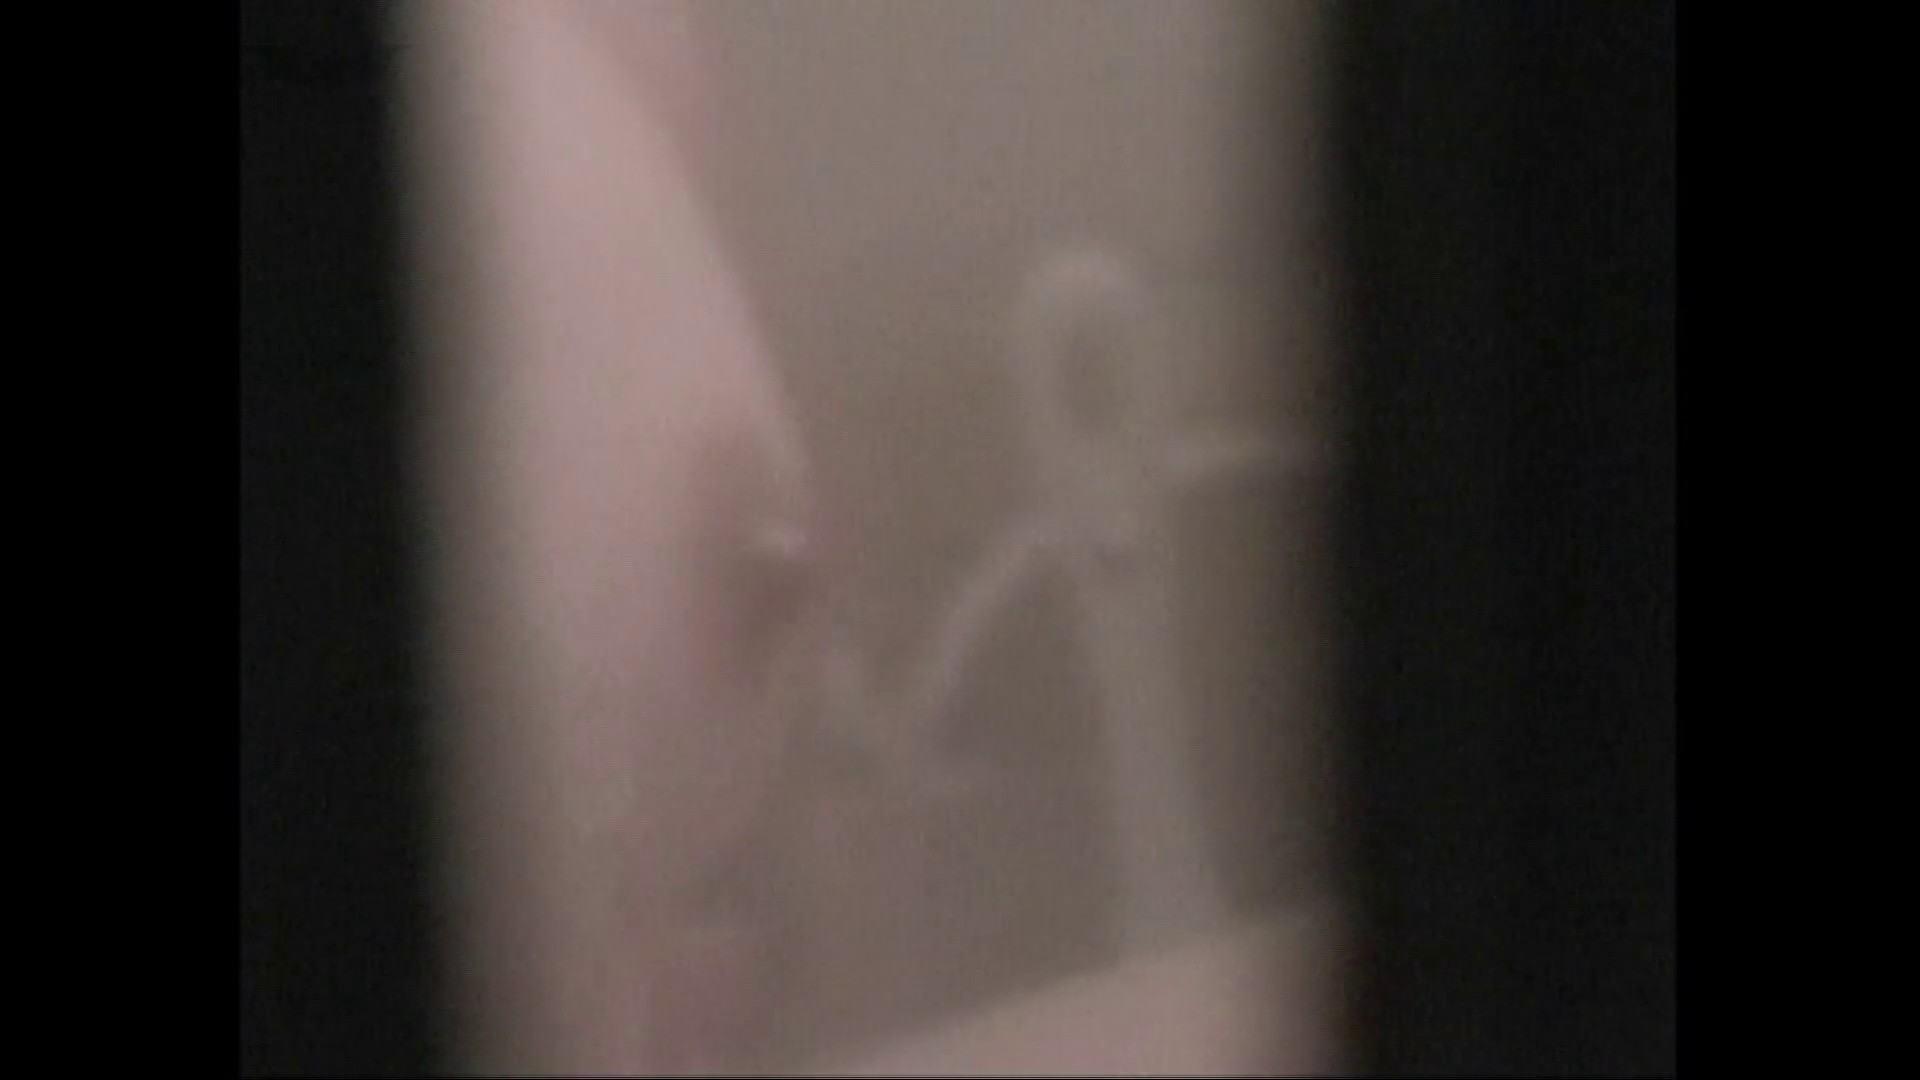 隙間からノゾク風呂 Vol.28 色白のロングヘアー美人がワシャワシャと。 美人  104pic 91